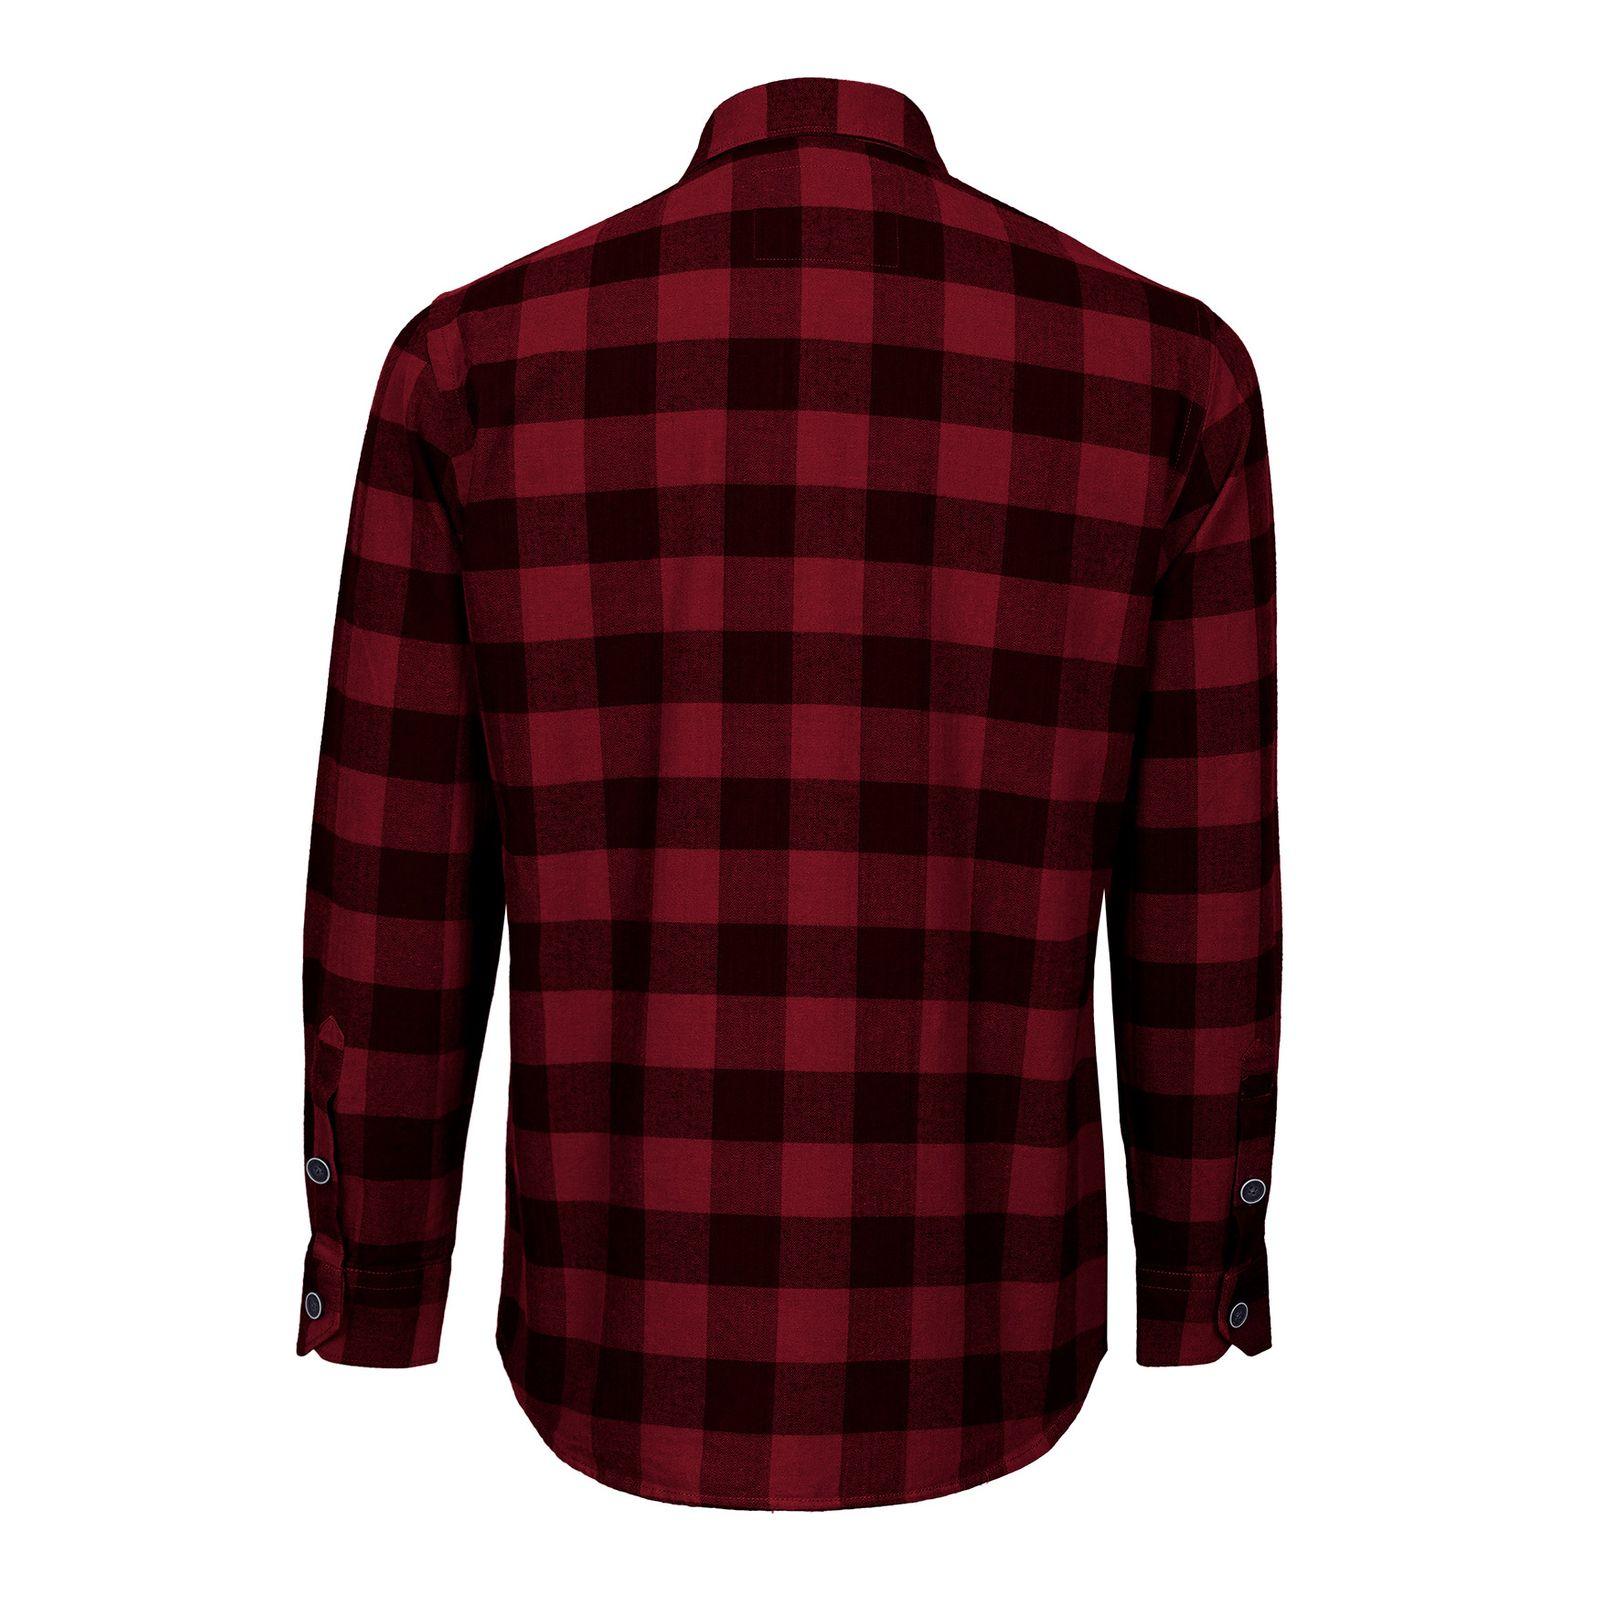 پیراهن آستین بلند مردانه جی تی هوگرو مدل 199525 -  - 2